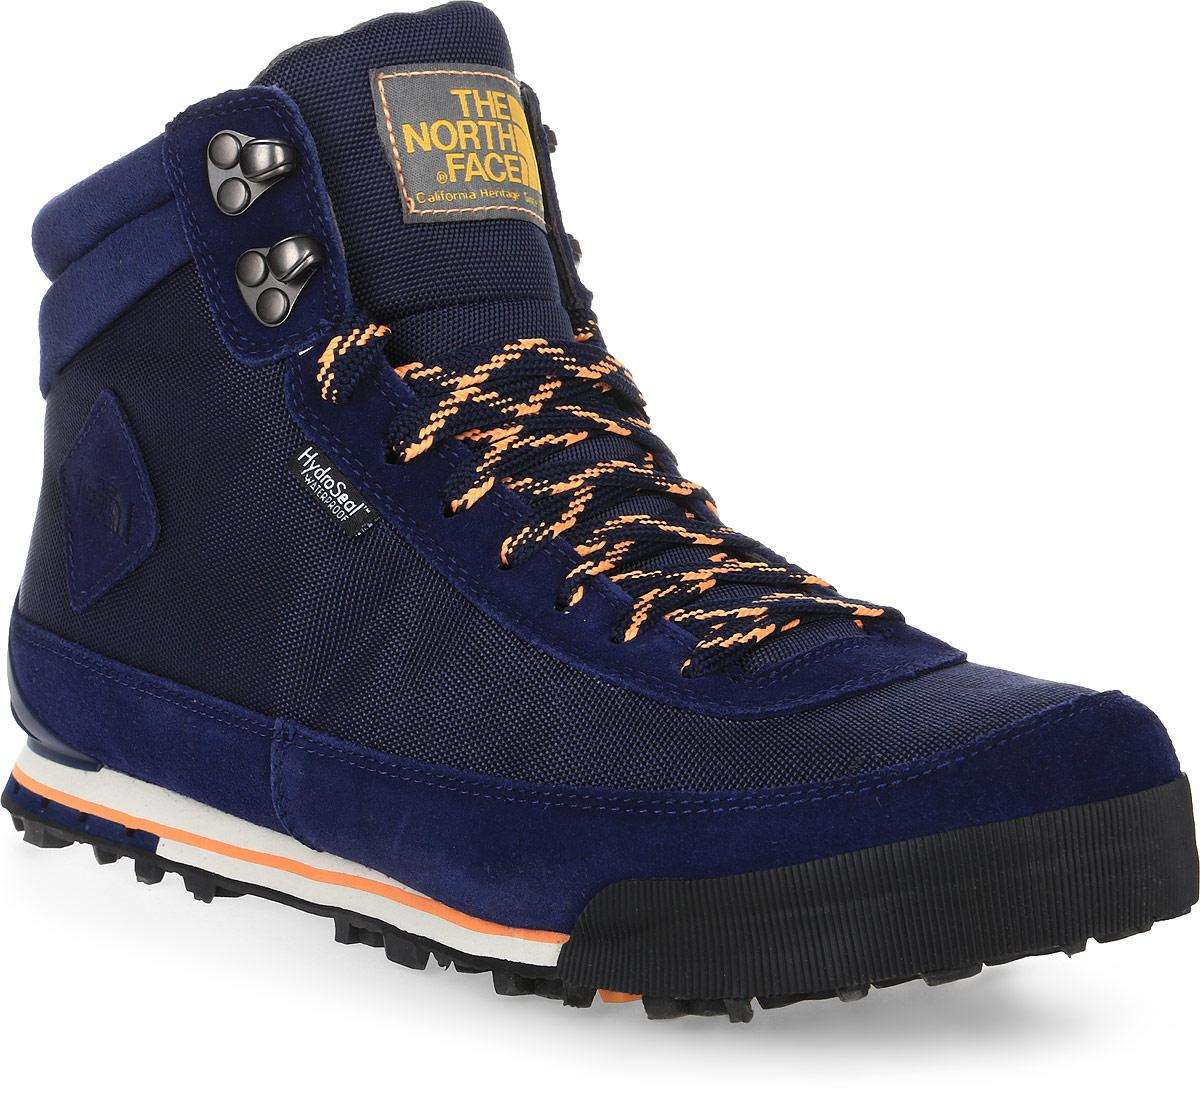 Ботинки женские The North Face Back-to-Berkeley Boot II, цвет: темно-синий, оранжевый. T0A1MFDSJ. Размер 10 (40)T0A1MFDSJСтильные ботинки The North Face от Back-to-Berkeley Boot II - это женские ботинки с ретро-обликом, но современной функциональной конструкцией. Верх выполнен из нейлона-рипстопа и мембраны HydroSeal, обеспечивающей полноценную защиту от влаги. Окантовка из натуральной замши по периметру защищает внешнюю ткань от истирания, а глухой язык препятствует попаданию внутрь камней, воды и пыли. Шнуровка надежно фиксирует модель на ноге. Подошва TNF Winter Grip с технологией Ice Pick обеспечивает наилучшее сцепление с поверхностью. Утеплитель Primaloft Eco сохранит ноги в тепле в самые сильные холода. Антибактериальная стелька Ortholine из EVA с текстильной поверхностью комфортна при ходьбе. Текстильный ярлычок на заднике обеспечивает удобное обувание модели. Язычок и боковая сторона модели оформлена фирменной нашивкой. Ботинки Womens Back-to-Berkeley Boot II - отличный выбор стильной и технологичной зимней обуви.